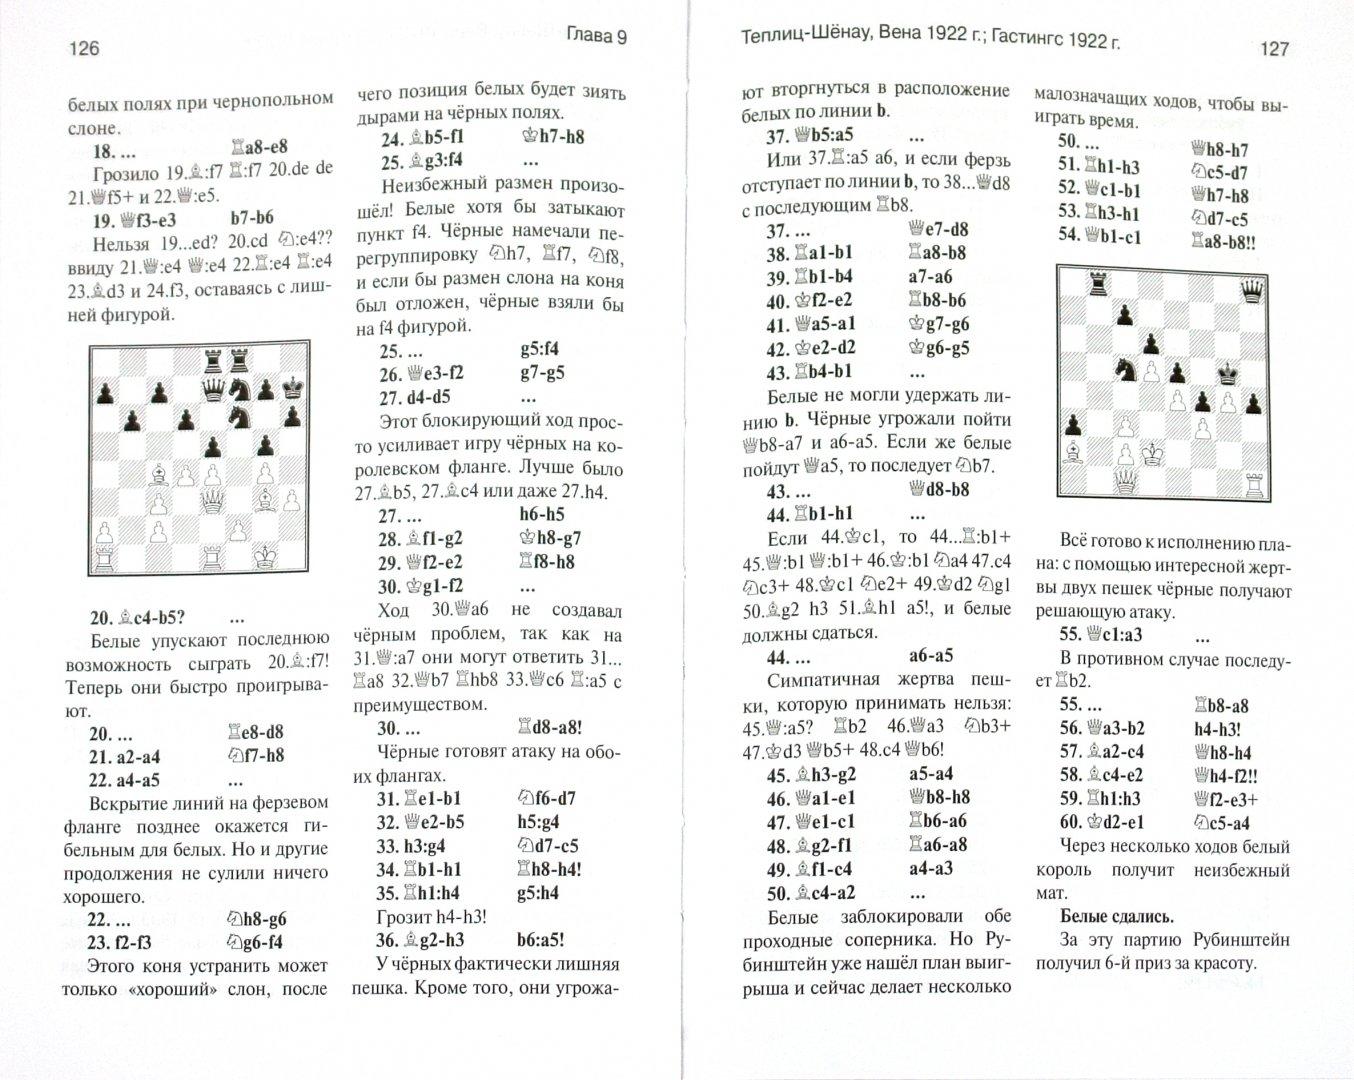 Иллюстрация 1 из 15 для Рубинштейн выигрывает. 100 шахматных шедевров великого маэстро - Ганс Кмох | Лабиринт - книги. Источник: Лабиринт